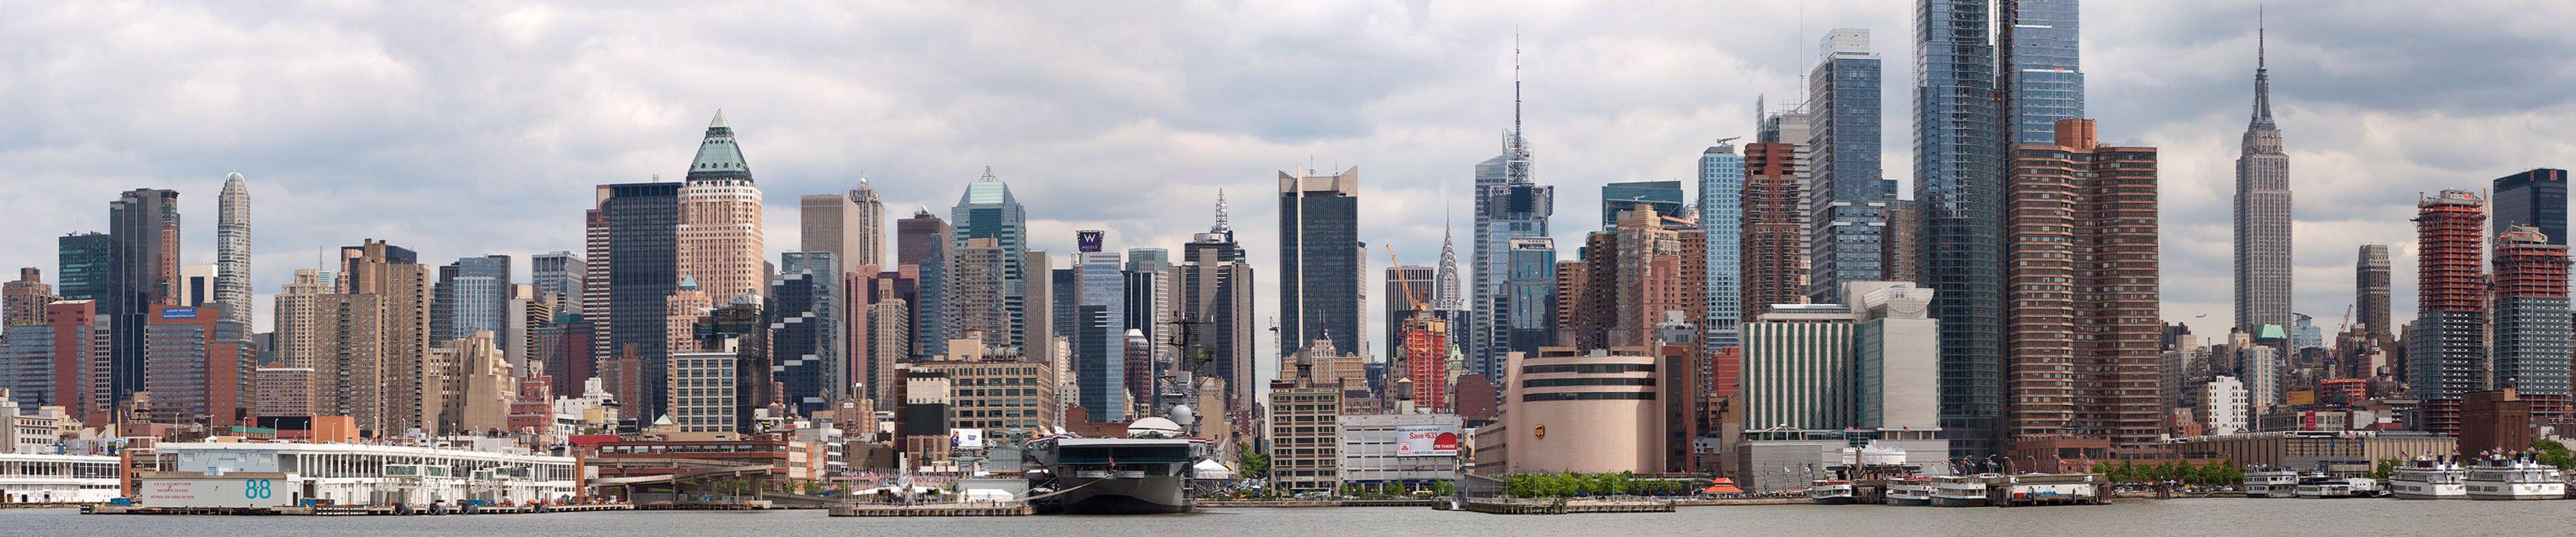 New York Manhattan   h wallpaper